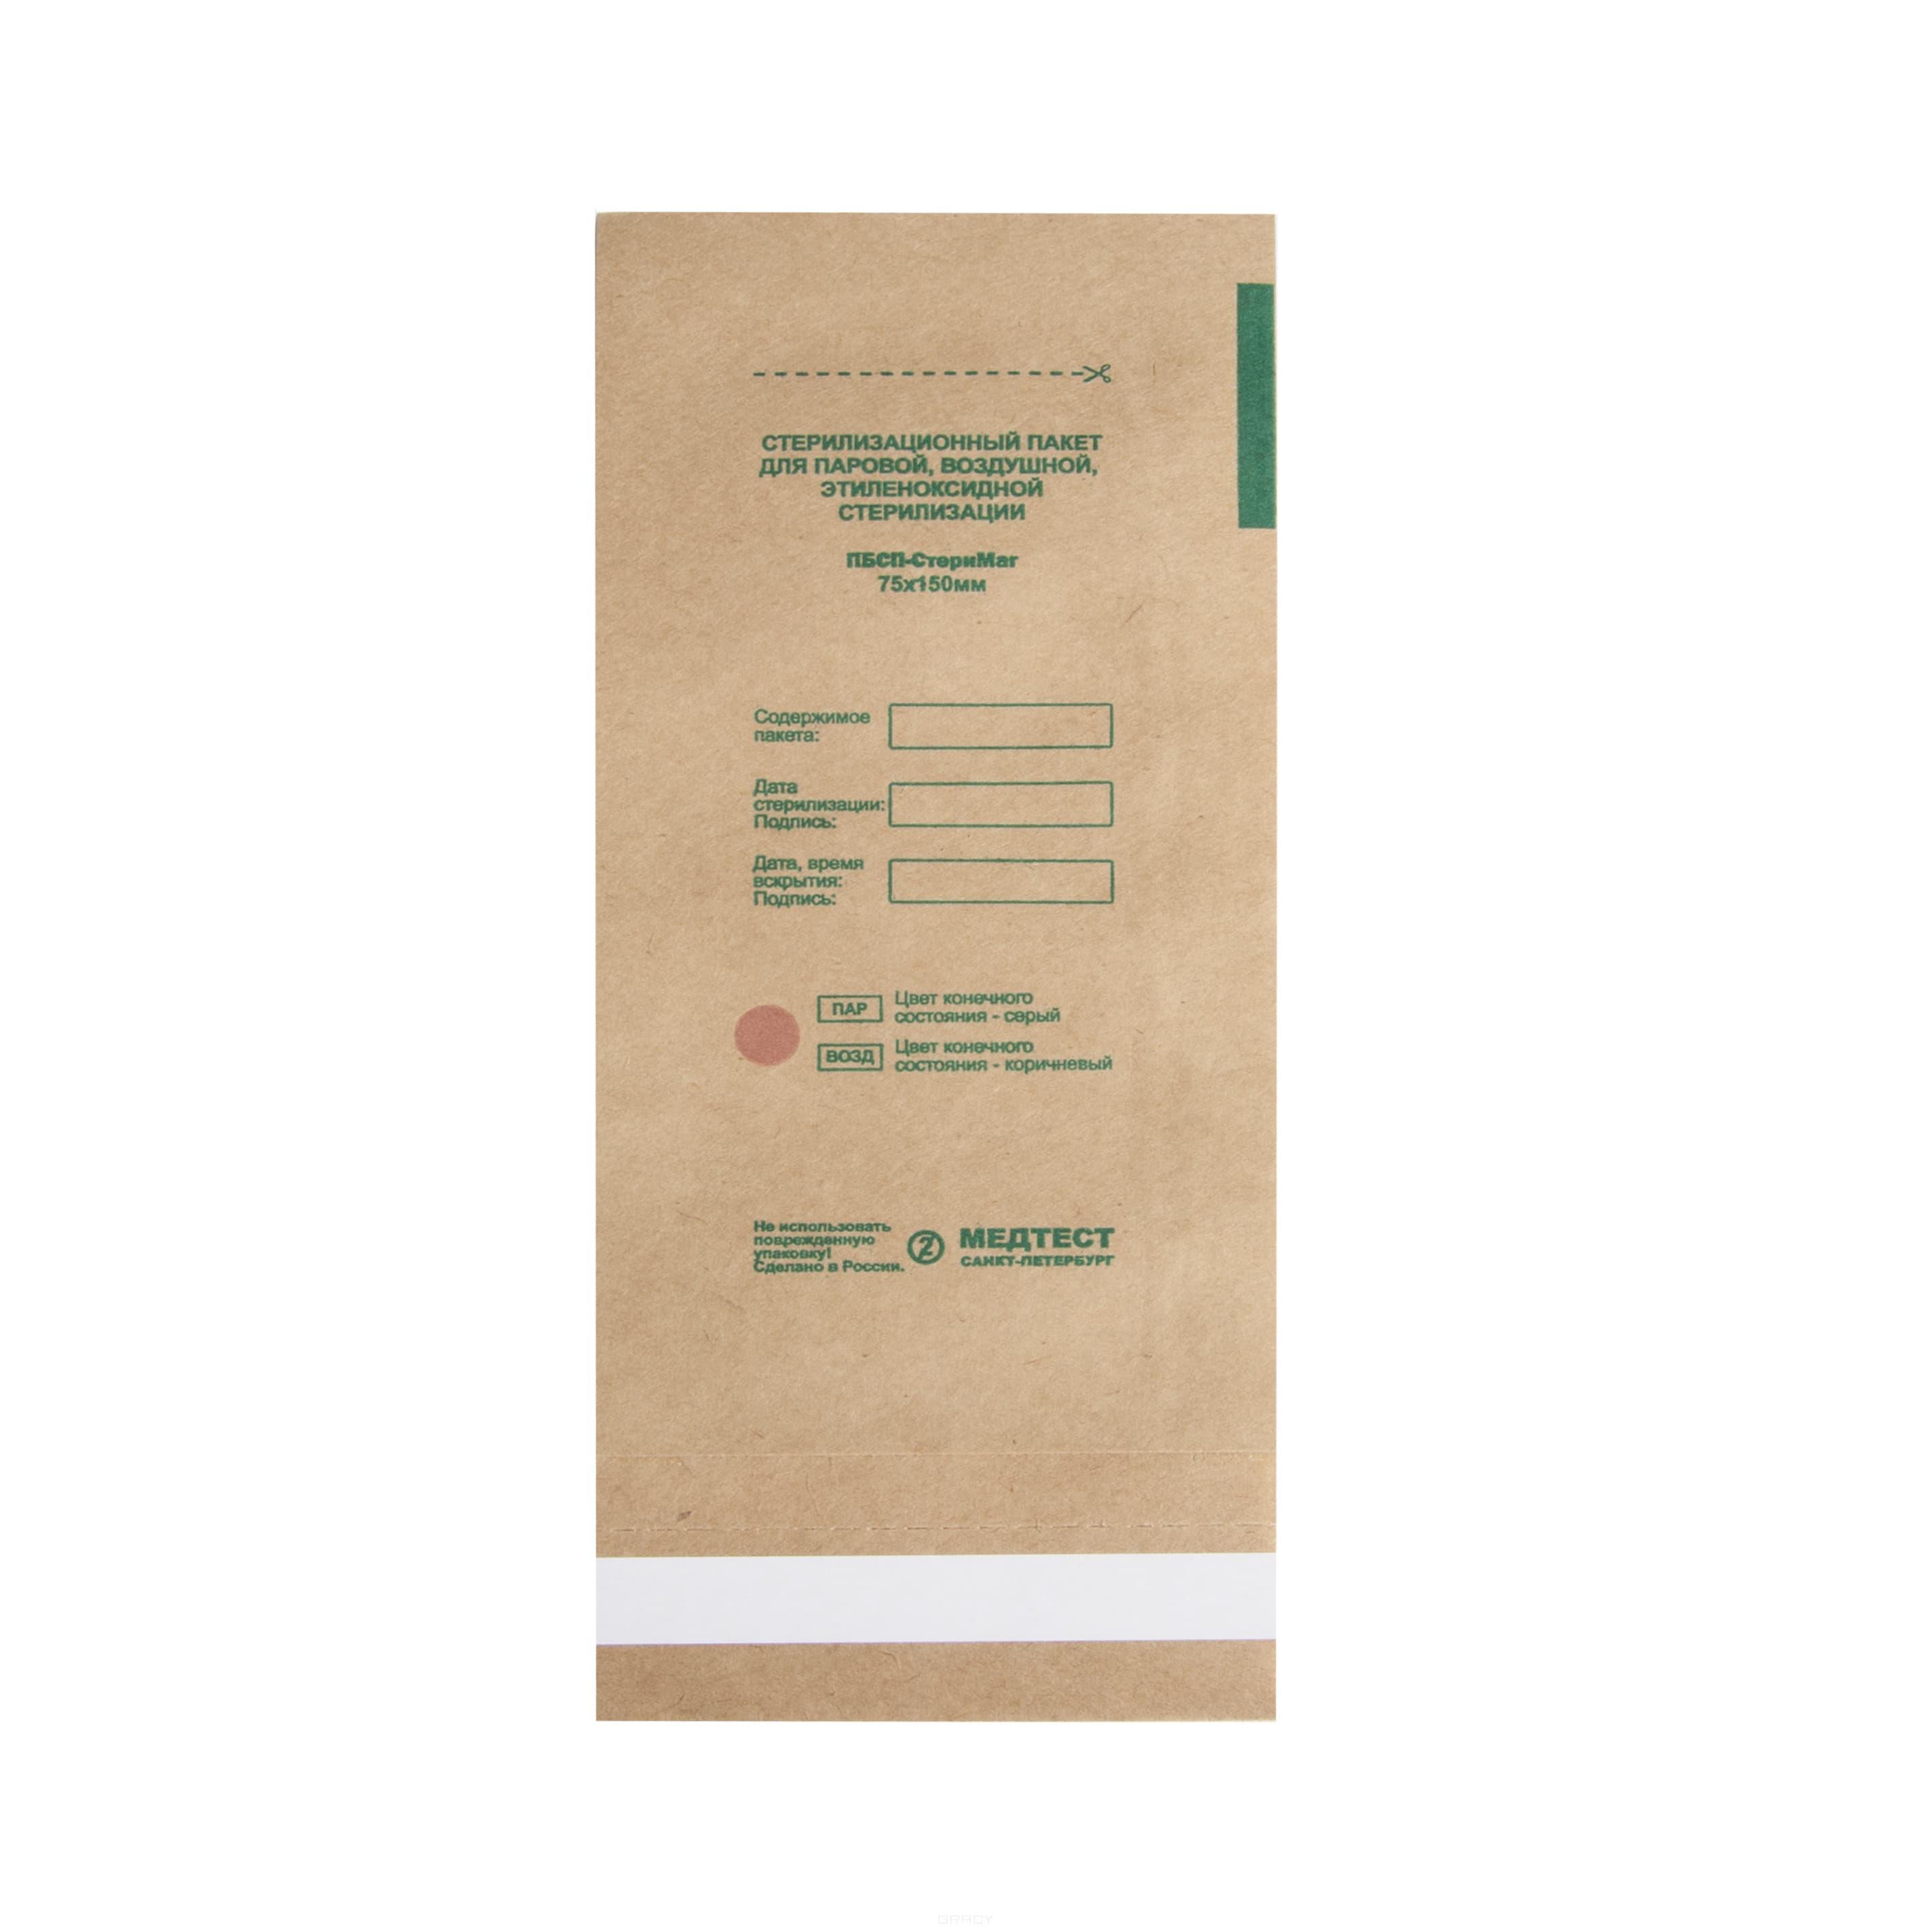 Planet Nails Крафт пакеты для стерилизации, 75*150 мм, 100 шт/уп защитные пластиковые пакеты plastic liners 100 шт